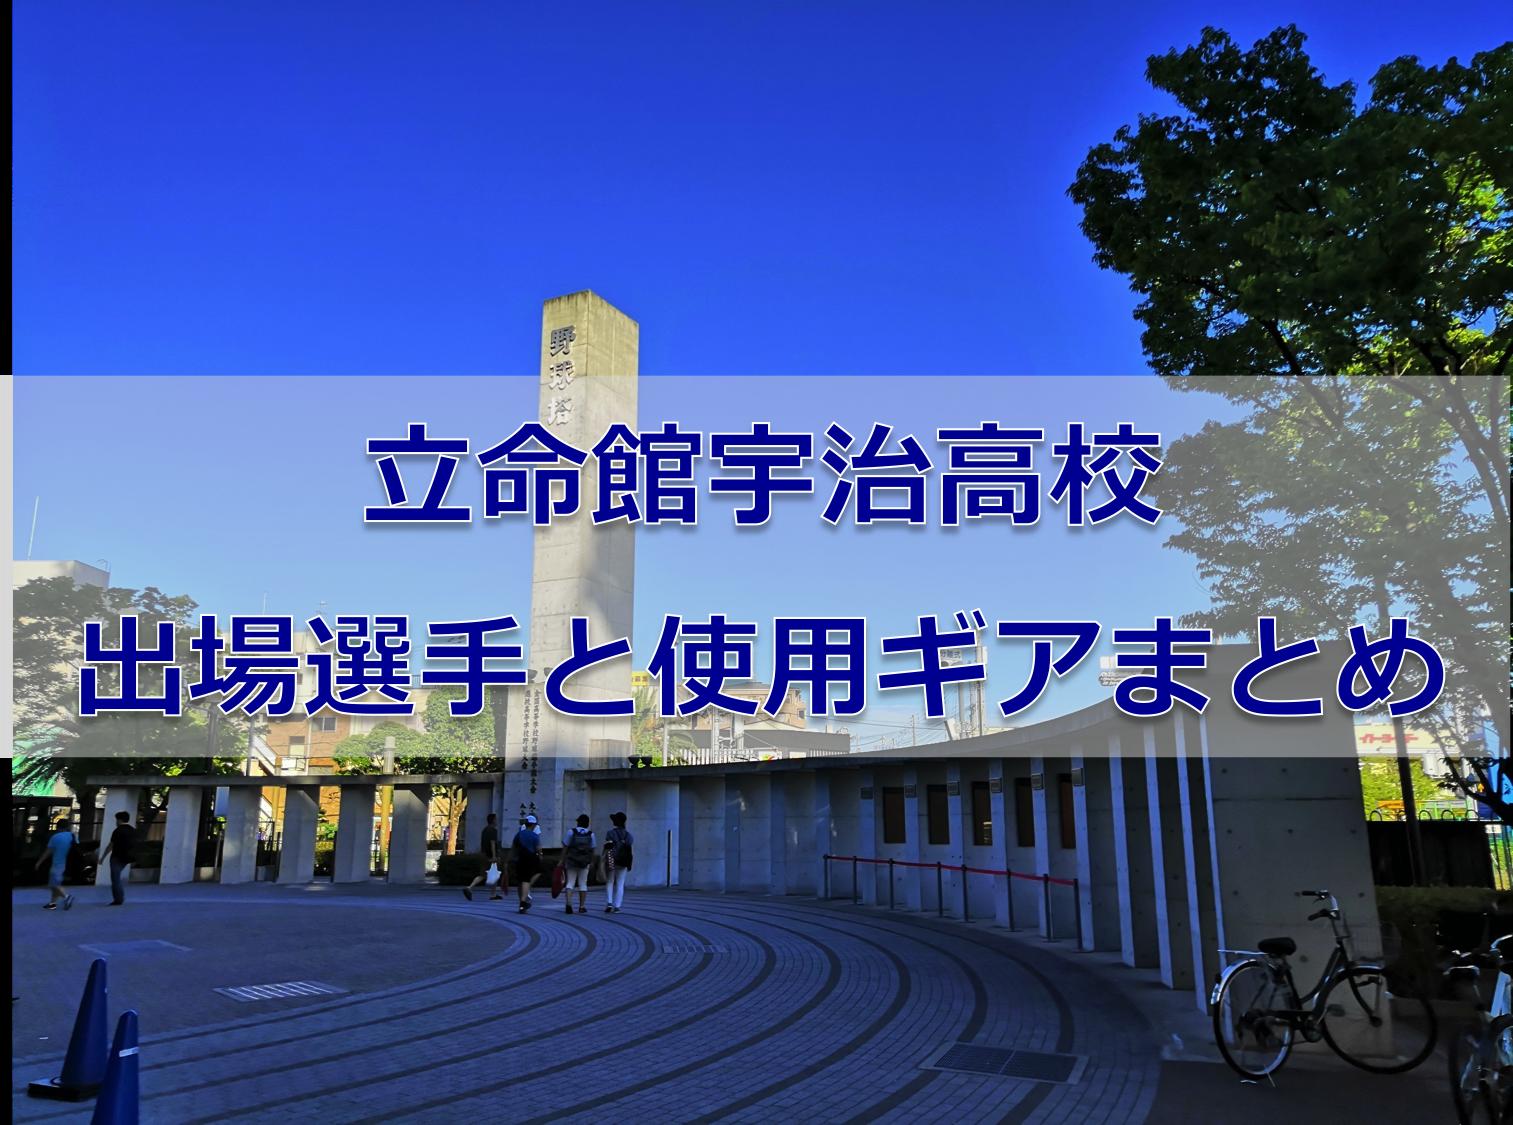 野球 高校 立命館 宇治